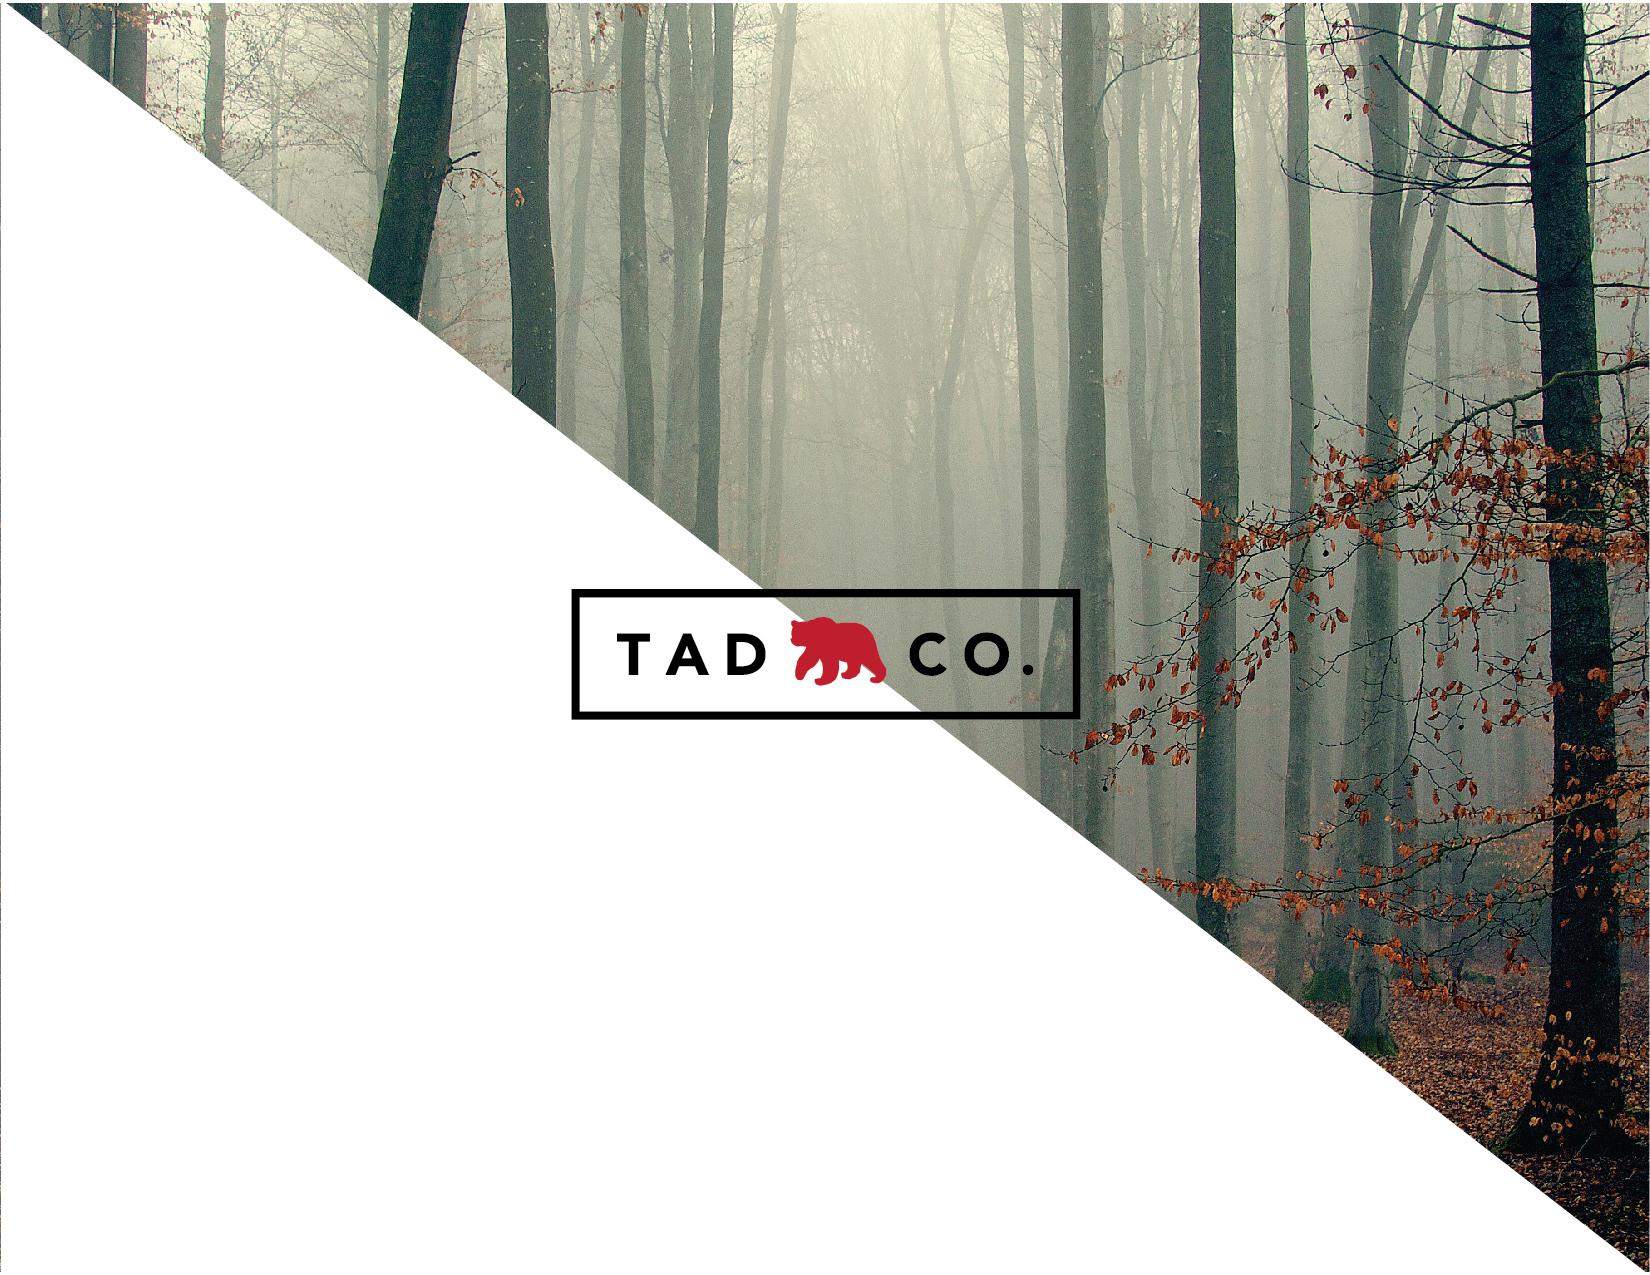 TAD-05.jpg